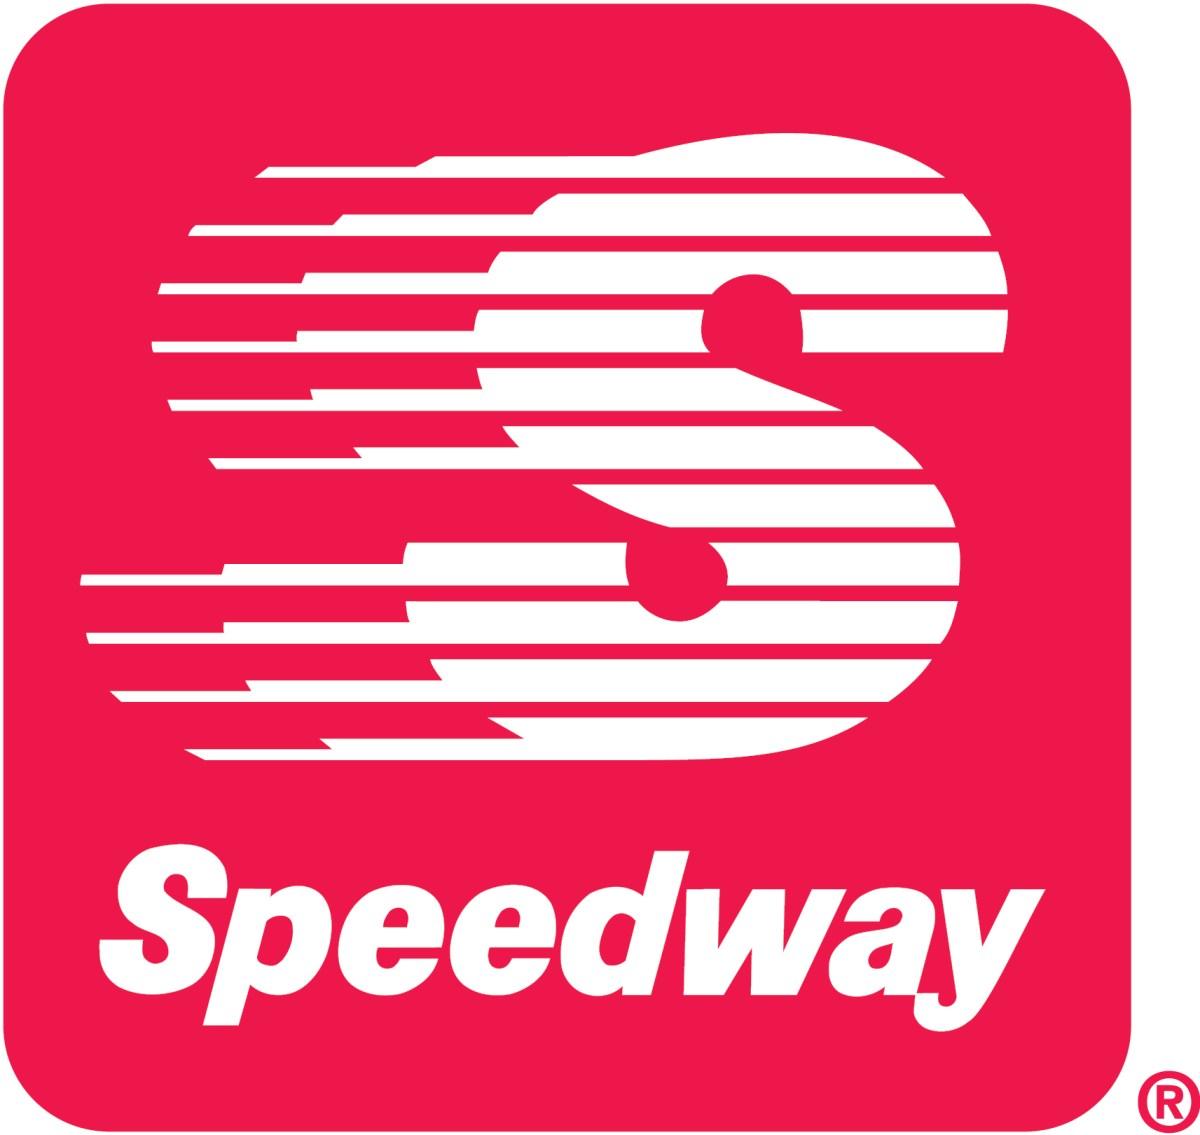 Get more savings on gas with the Speedy rewards program!